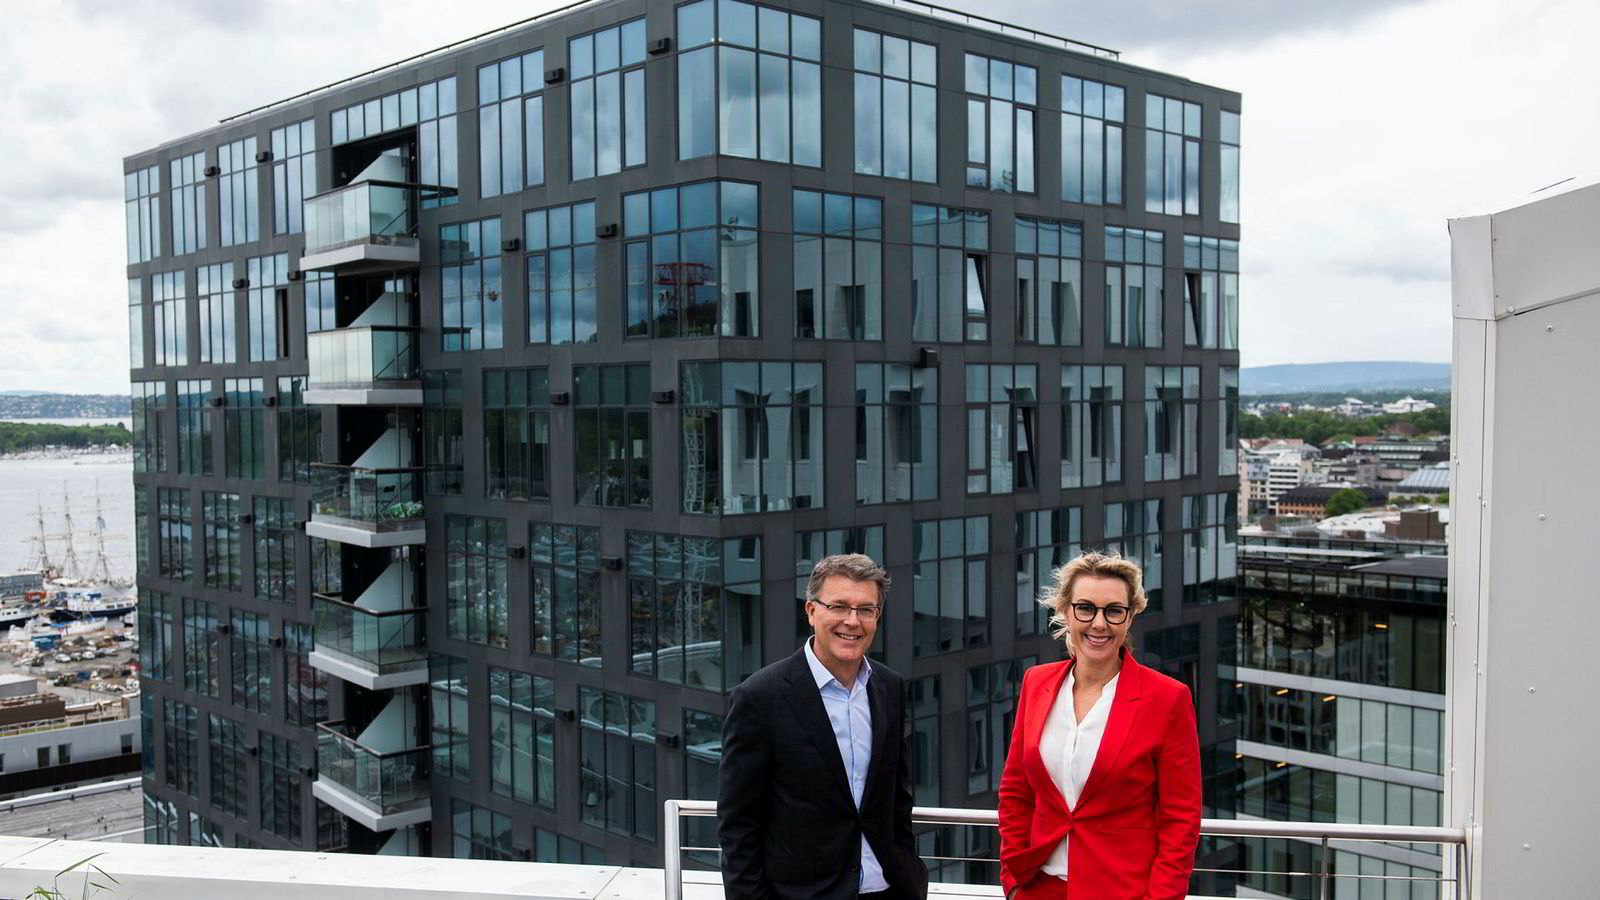 Sjur Gaaseide er ny toppsjef i Deloitte. Her er han sammen med Cecilia Flatum, som overtar hans tidligere jobb som leder av konsulentvirksomheten og også leder Women@Deloitte.